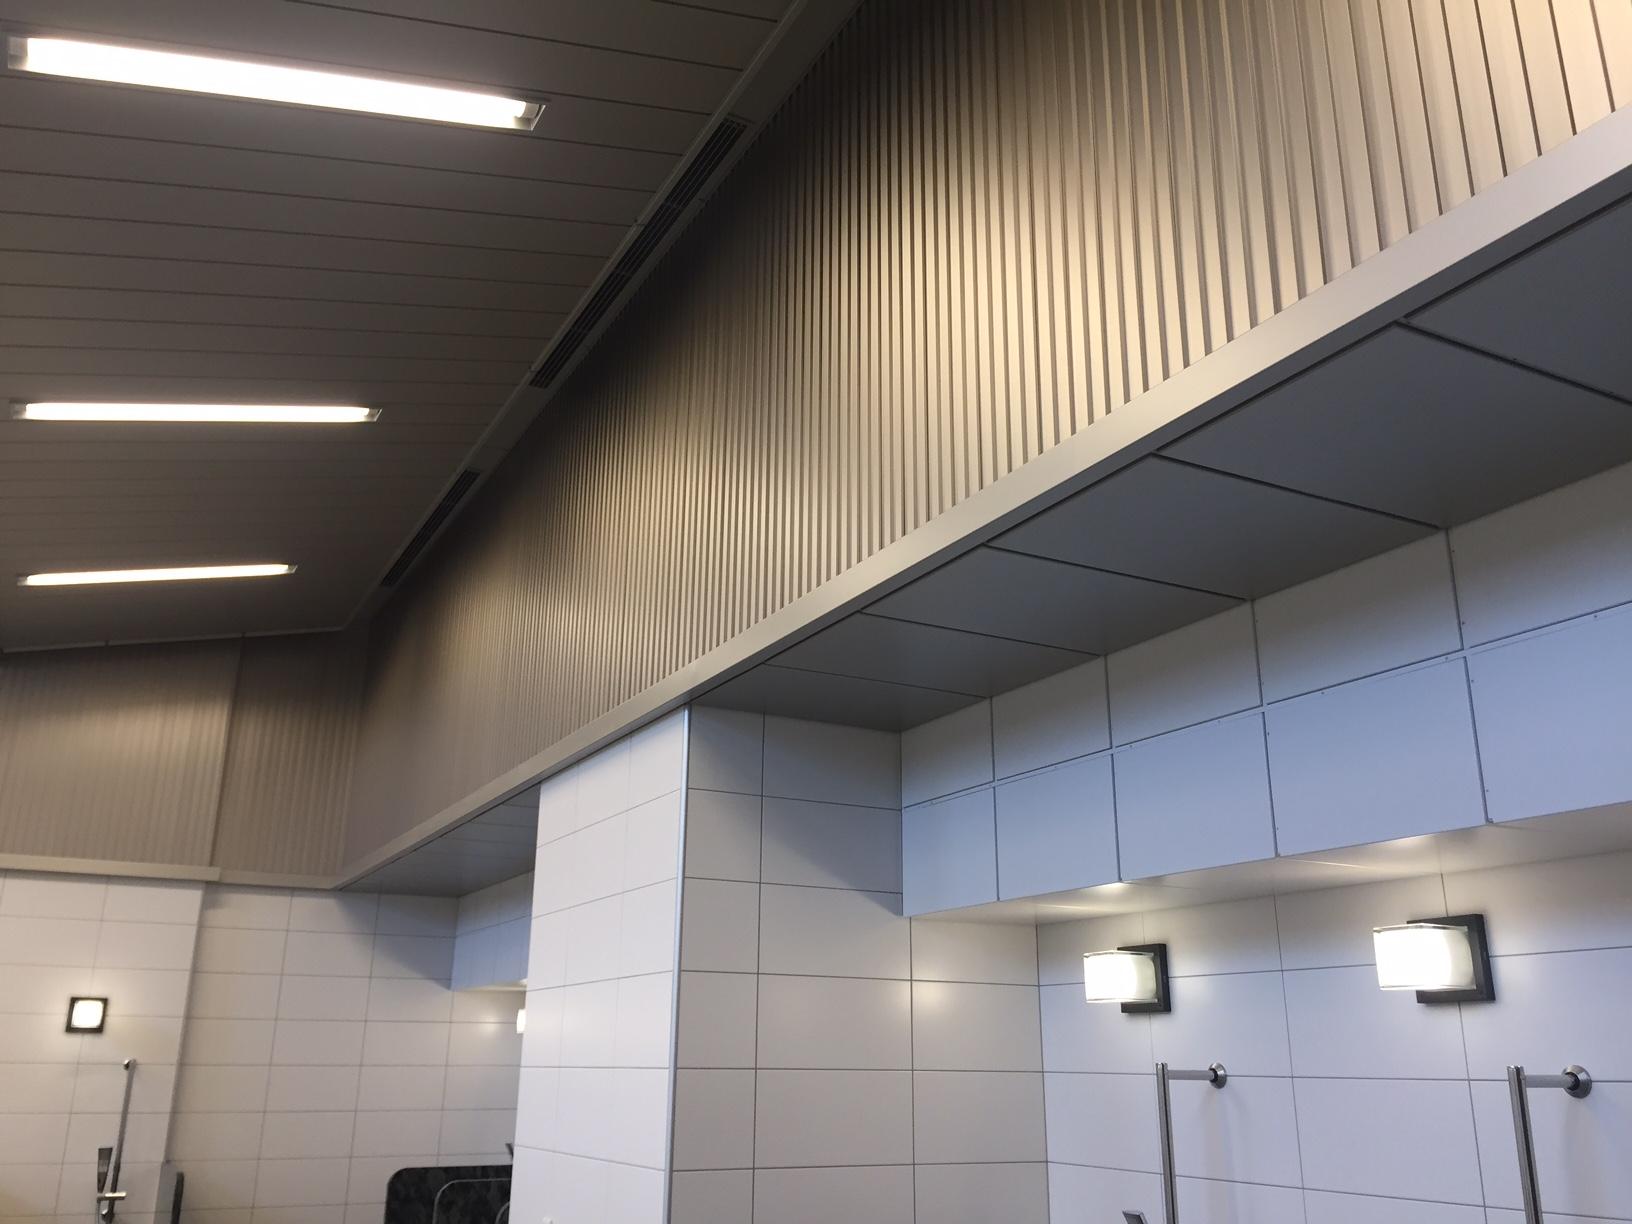 サンシティー立川昭和記念公園 天井照明パネル(4方) 天井・壁パネル・結露受け8